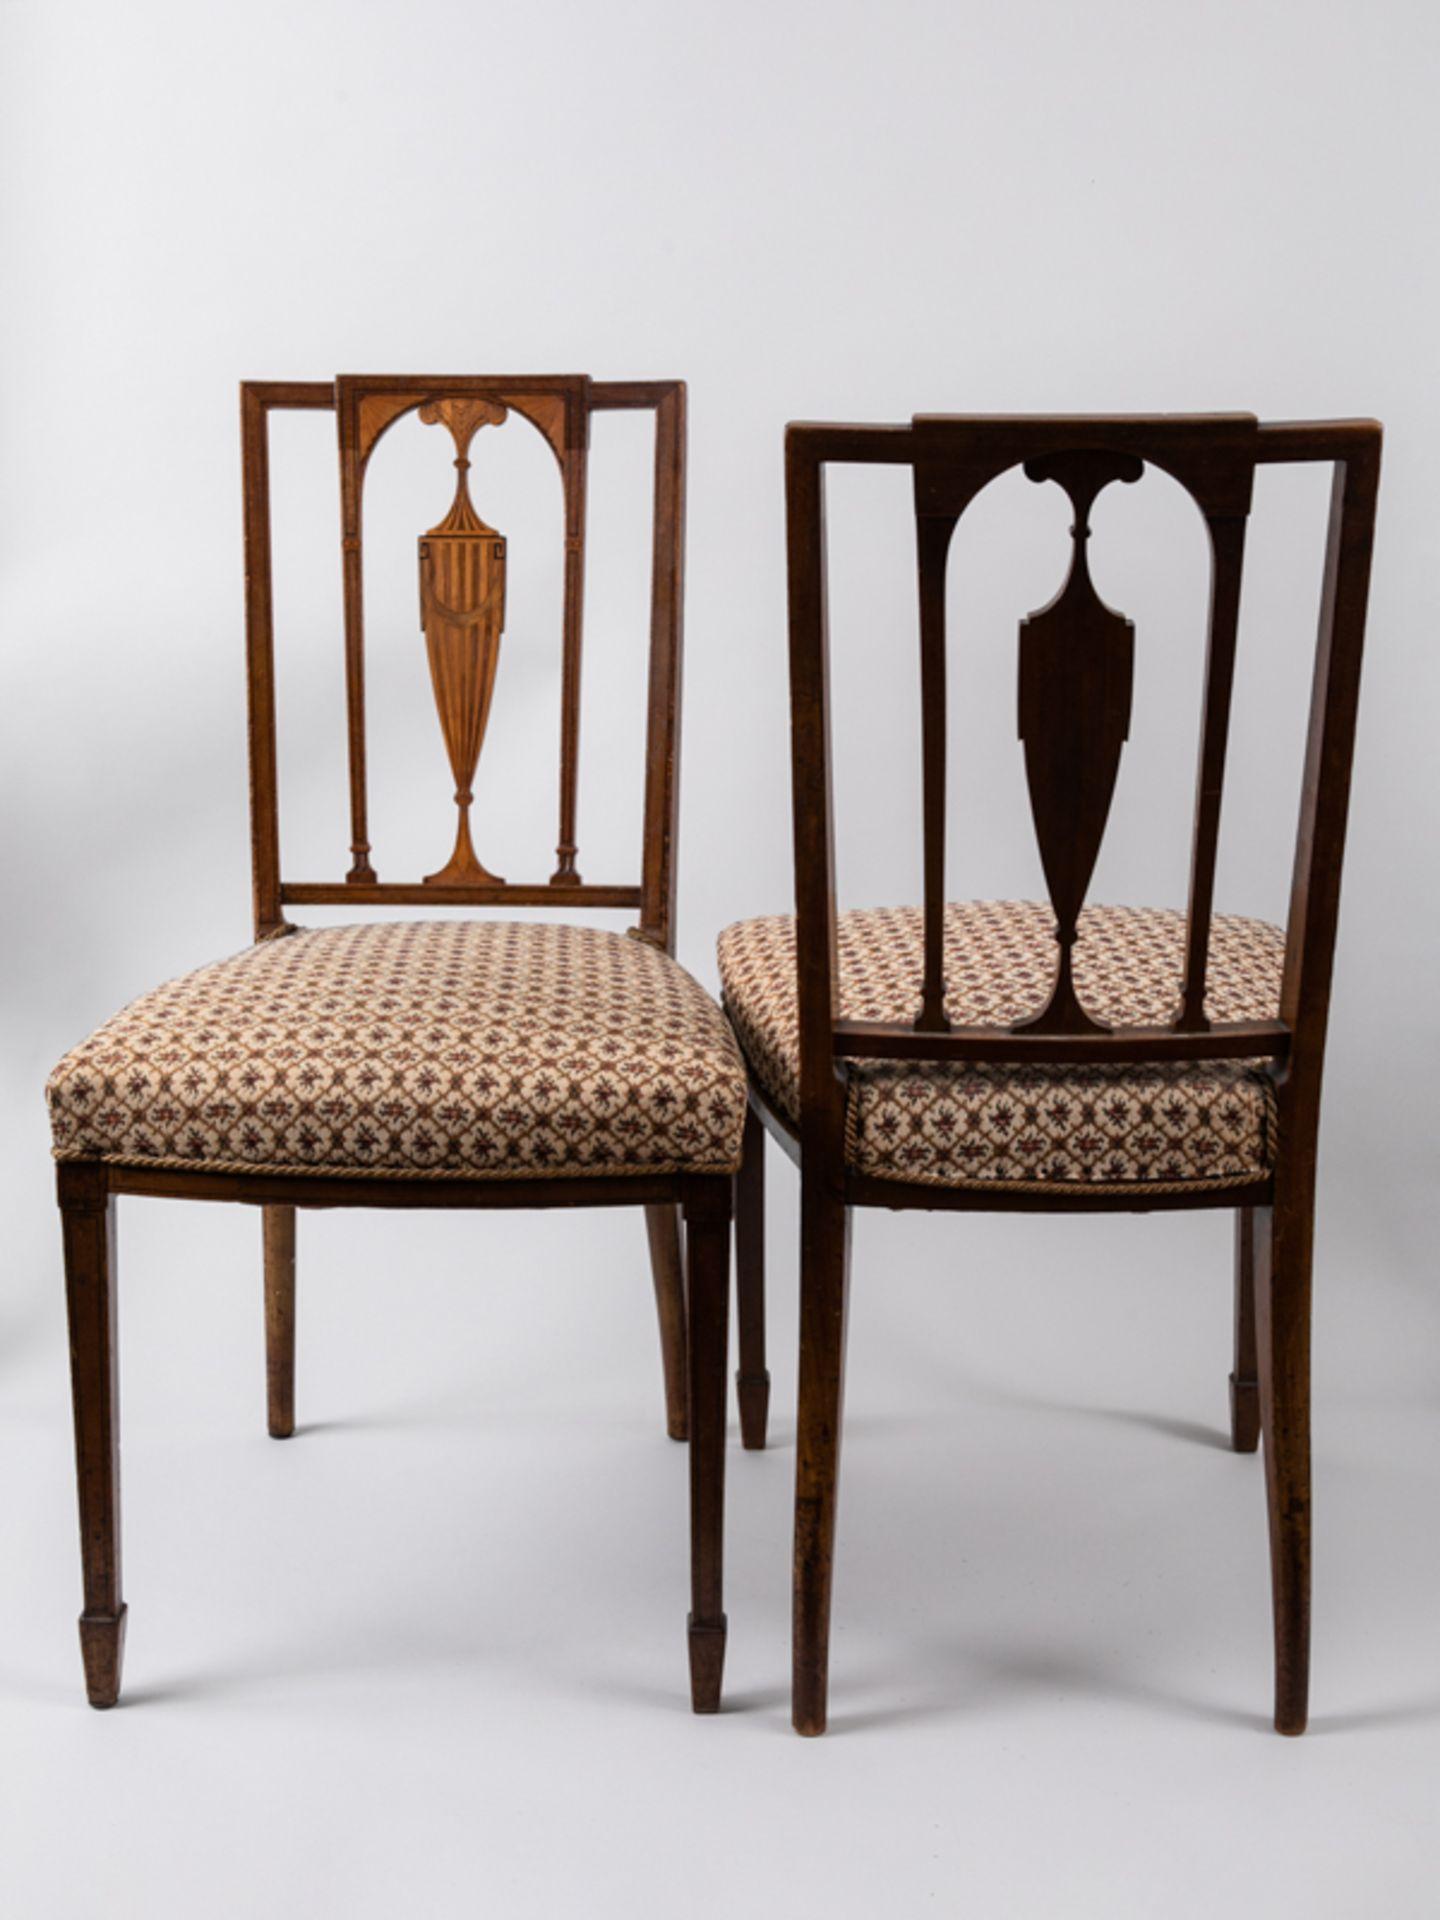 Paar Sheraton-Stühle, England, 18./19. Jh. Buche und verschiedene Einlegehölzer mit ebonisier - Bild 2 aus 4